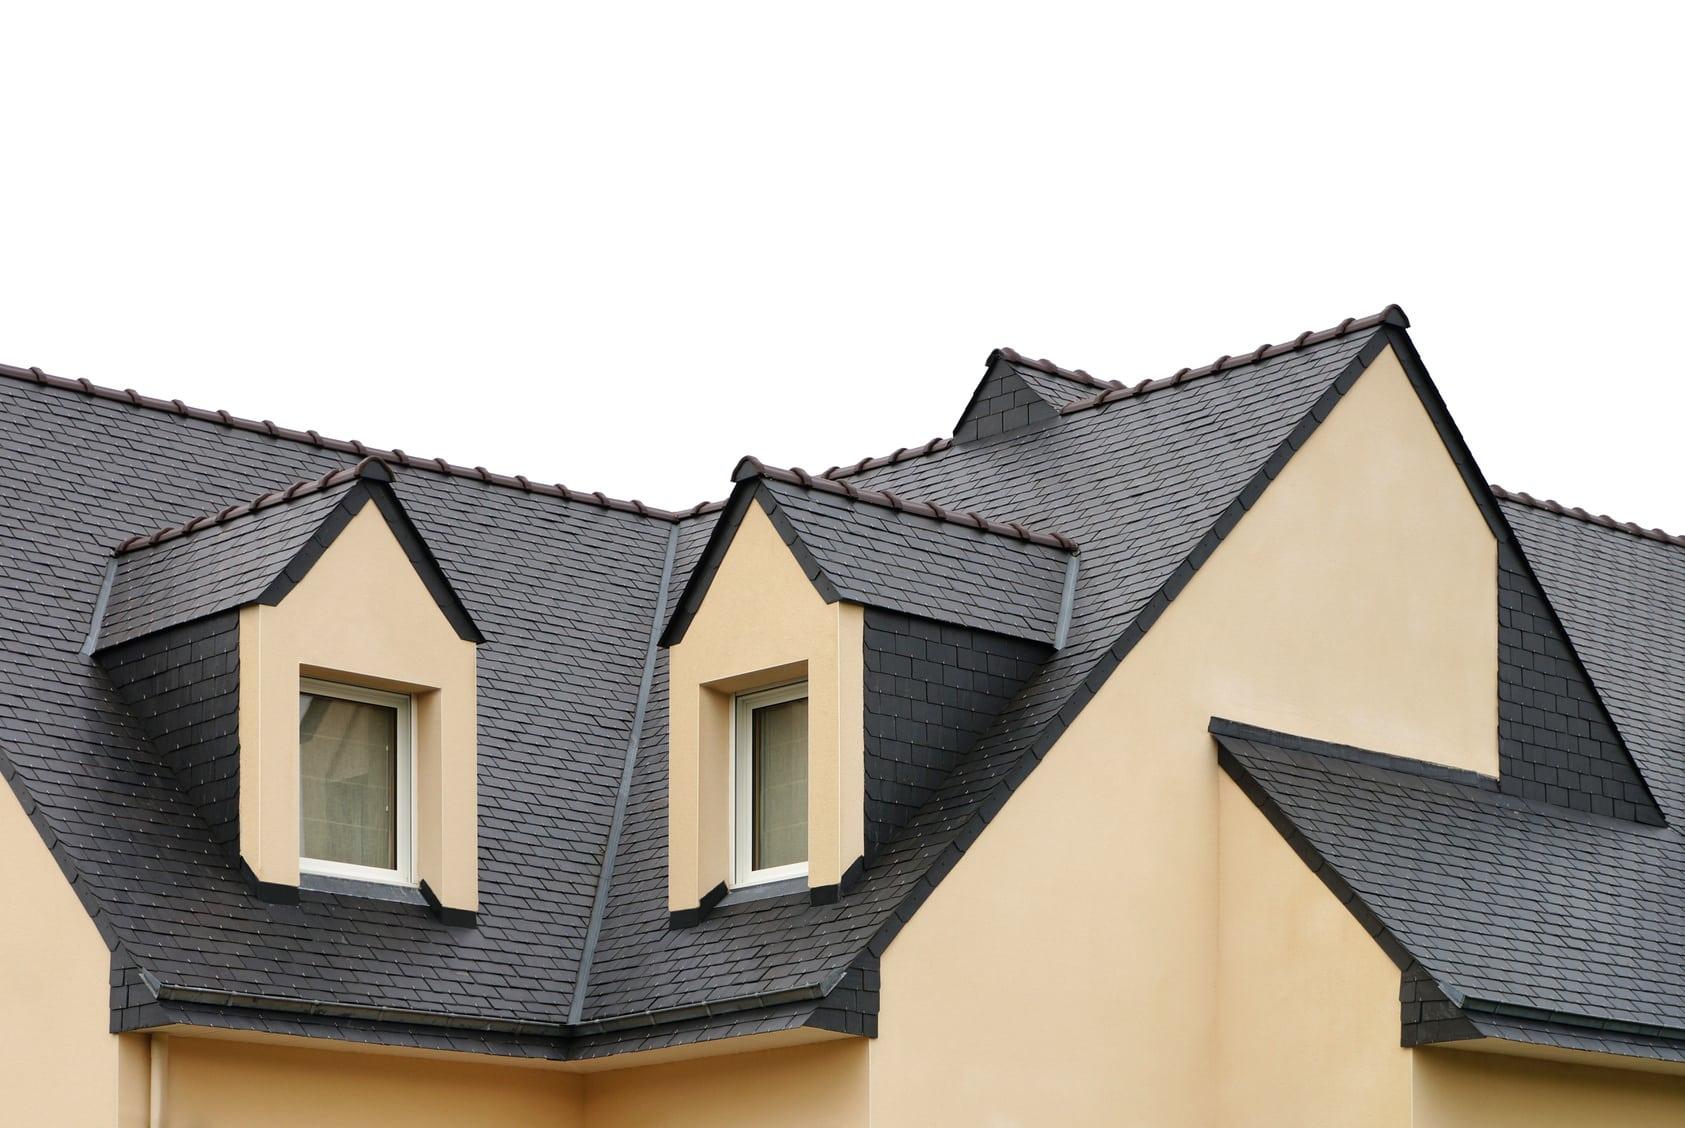 prix d 39 une toiture en ardoise au m2 les tarifs et devis. Black Bedroom Furniture Sets. Home Design Ideas